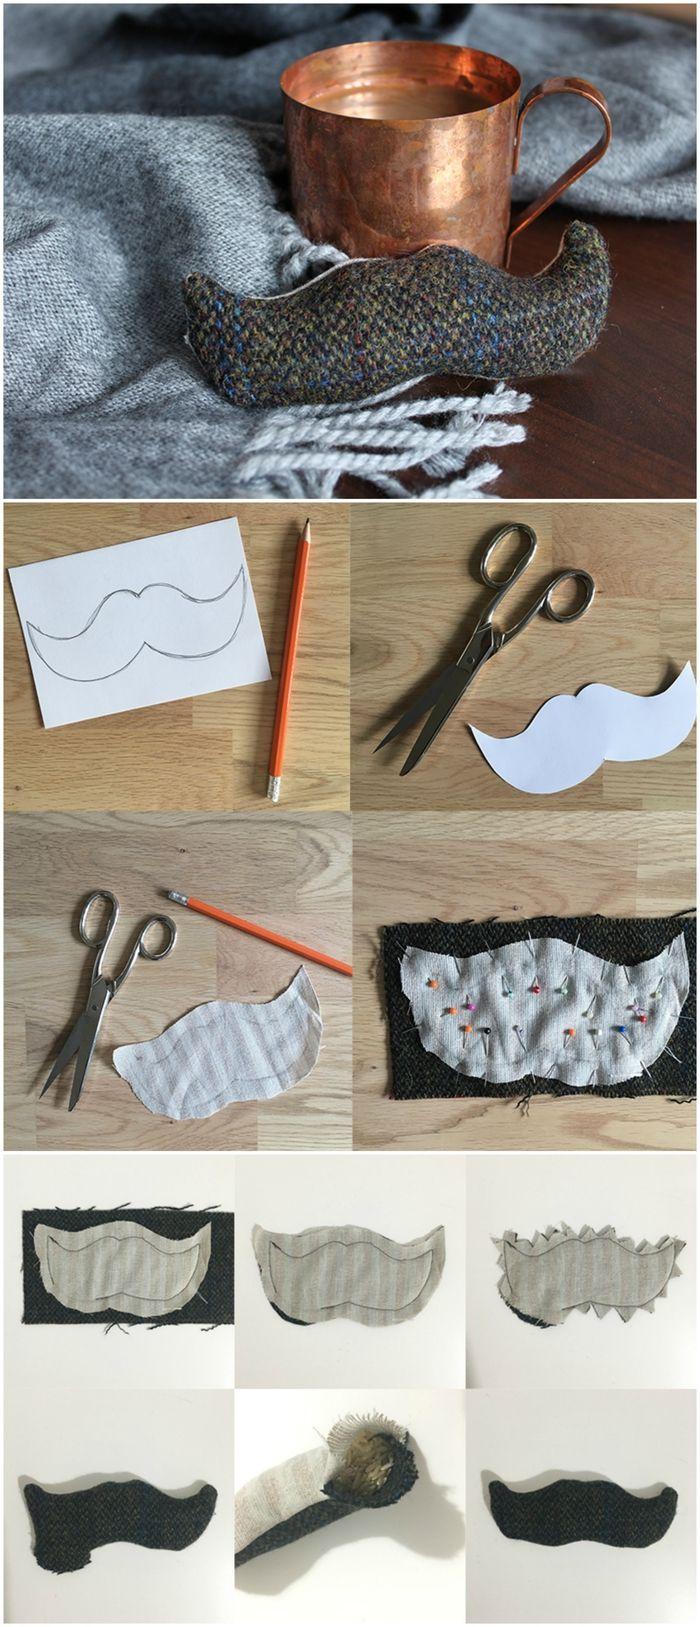 1001 Idees Originales Pour Choisir Un Cadeau Pour Son Copain